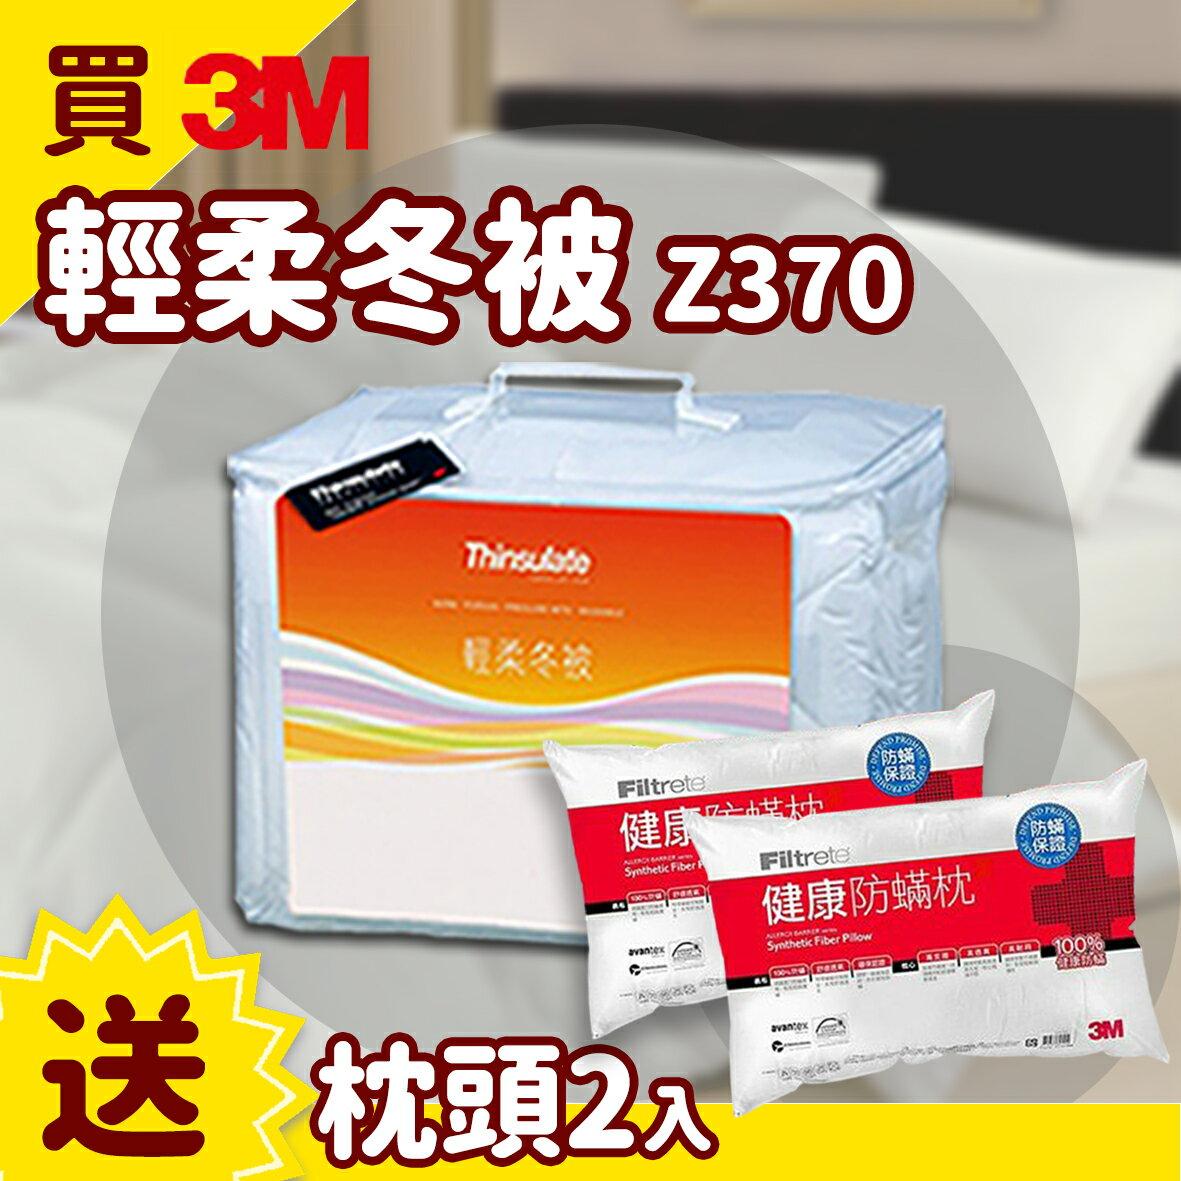 買 3M 新絲舒眠Thinsulate Z370 輕柔冬被 標準雙人 送健康防?枕2入 /棉被/抗過敏/防?/水洗/枕頭